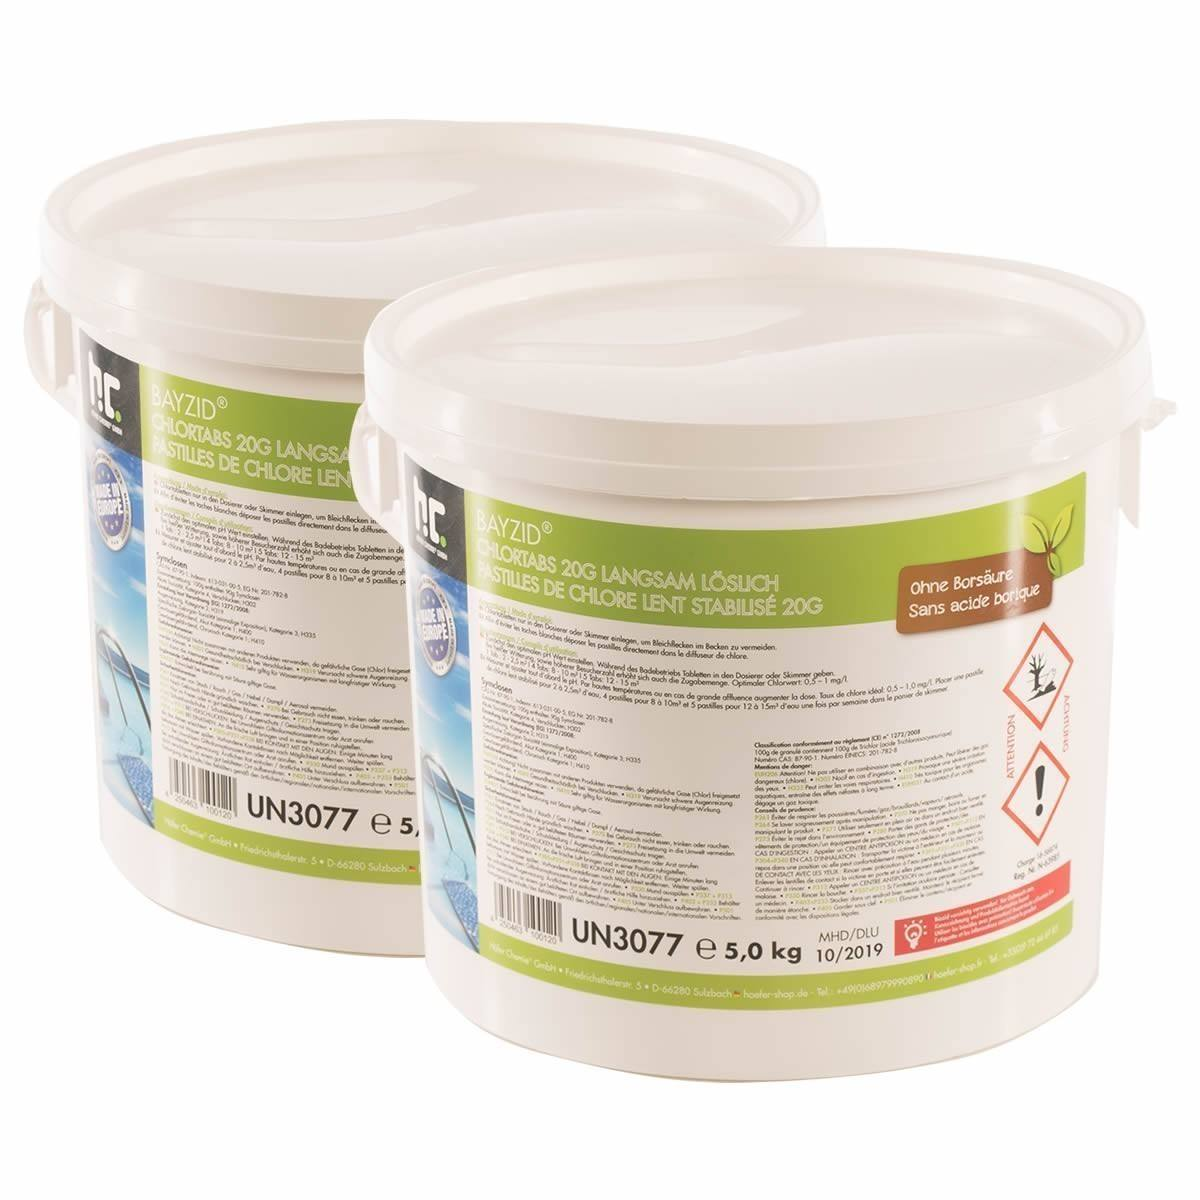 2 x 5 kg Chlortabs 20g langsam löslich